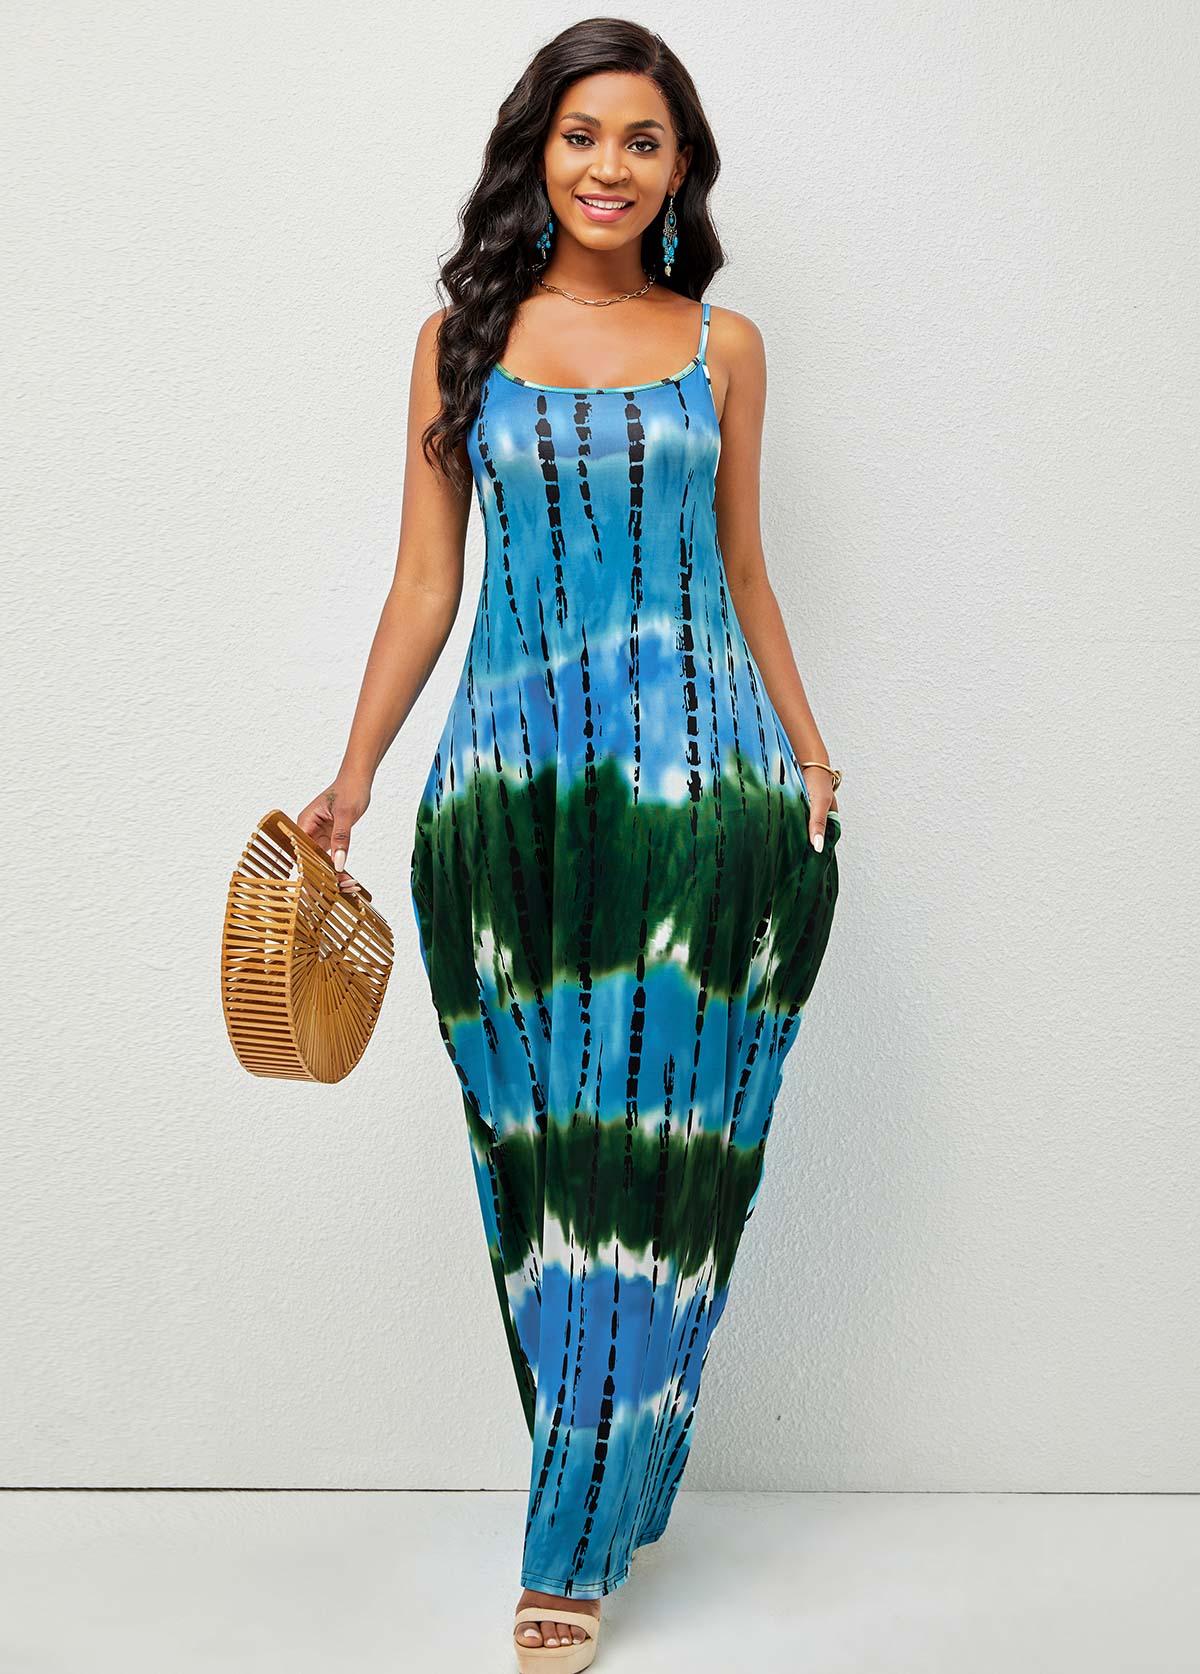 Spaghetti Strap Tie Dye Print Pocket Dress